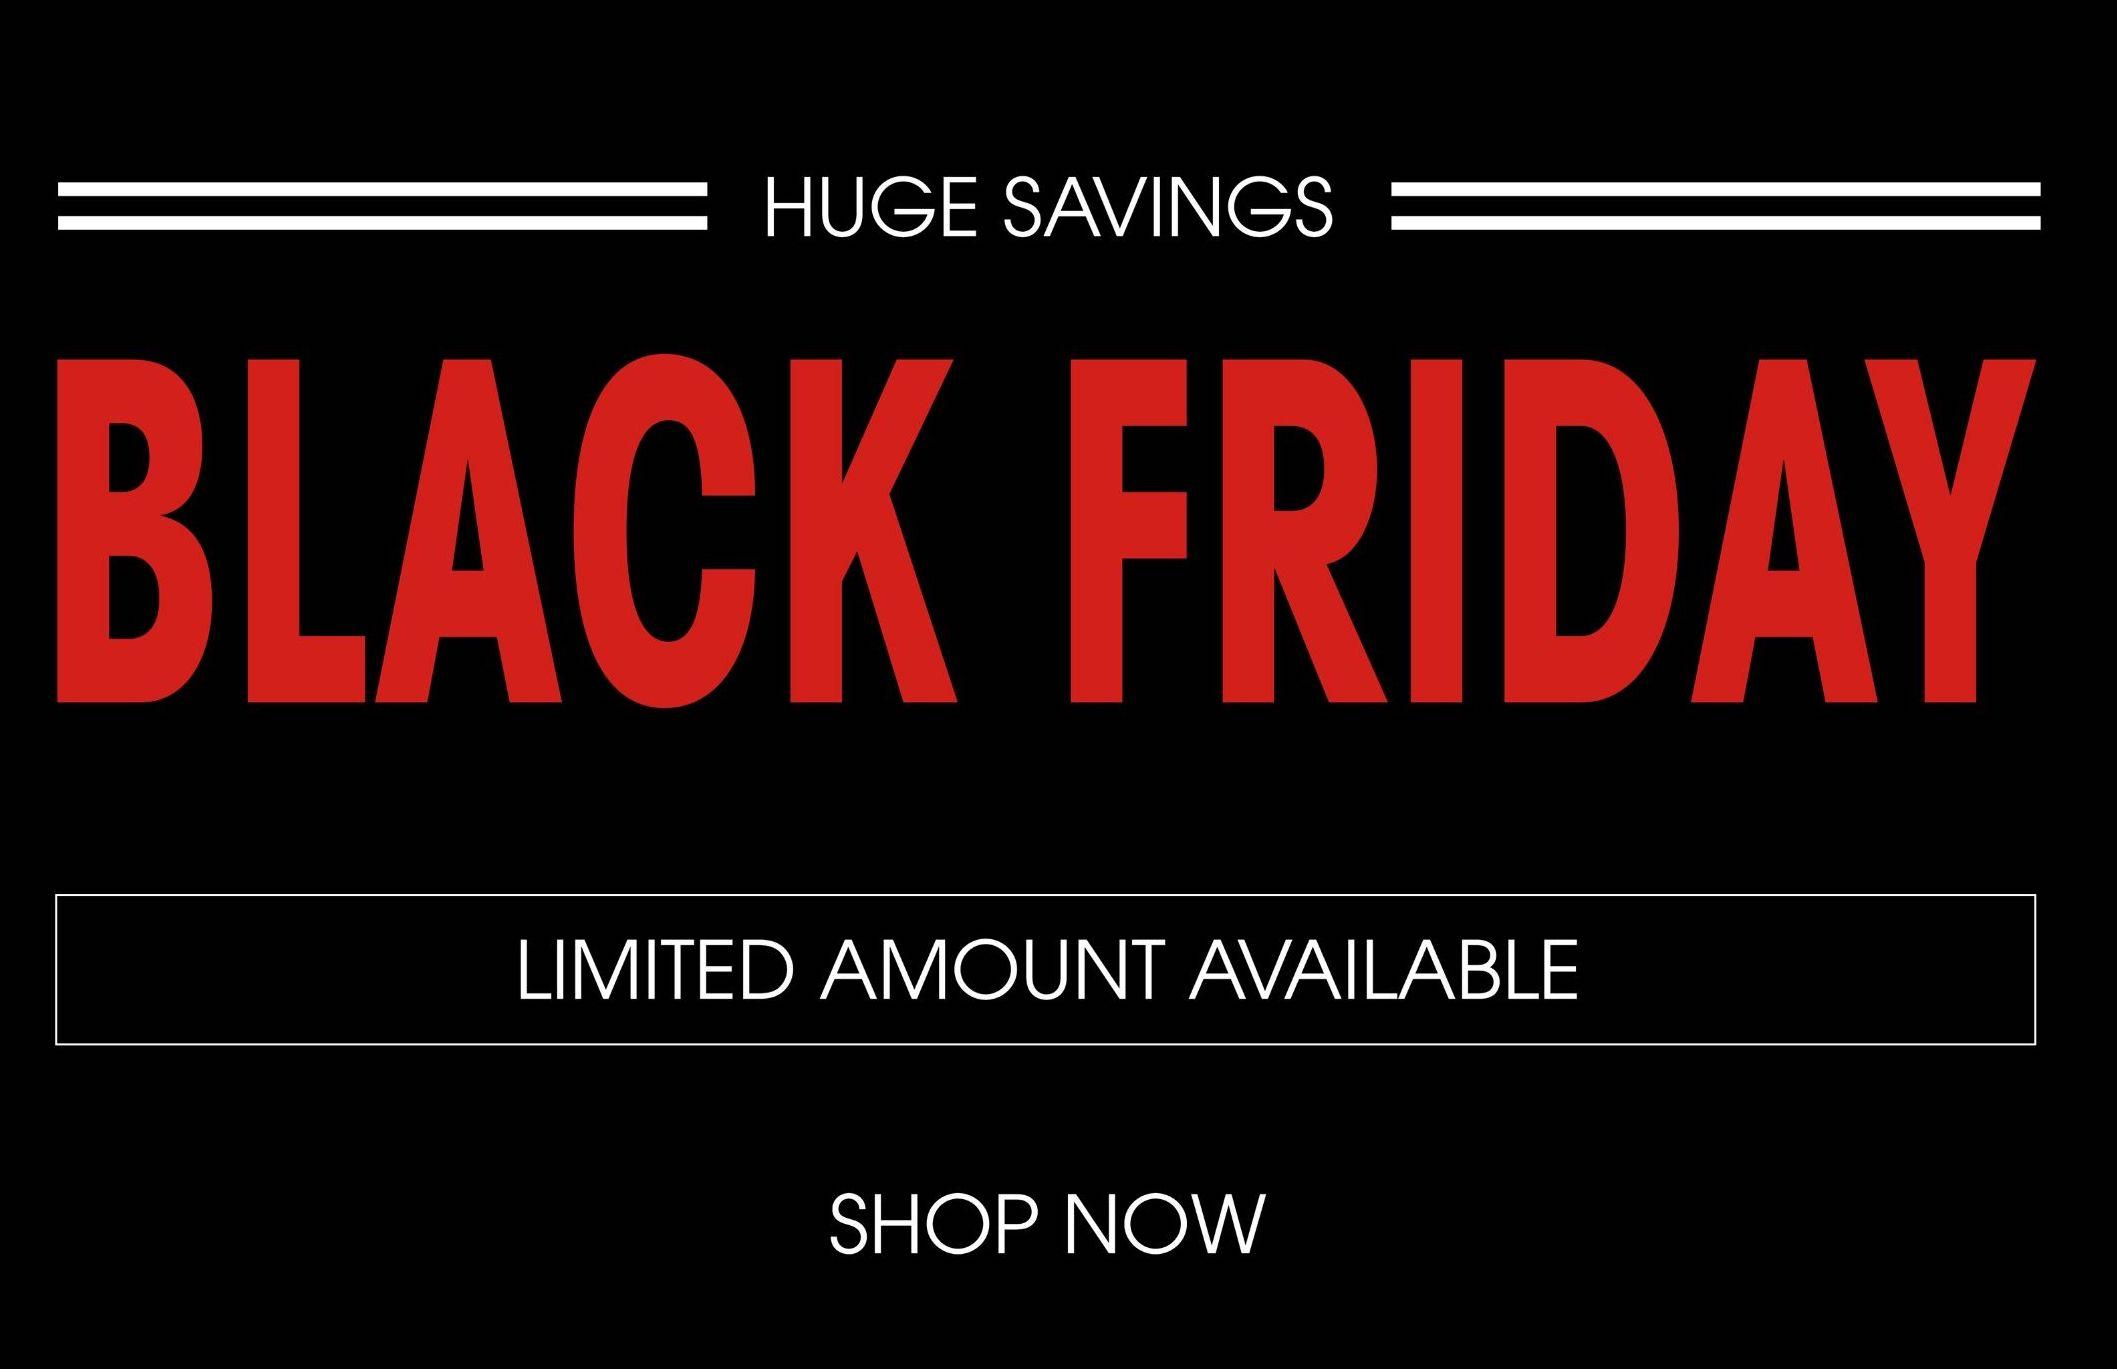 Holmes Organics Black Friday CBD Deals